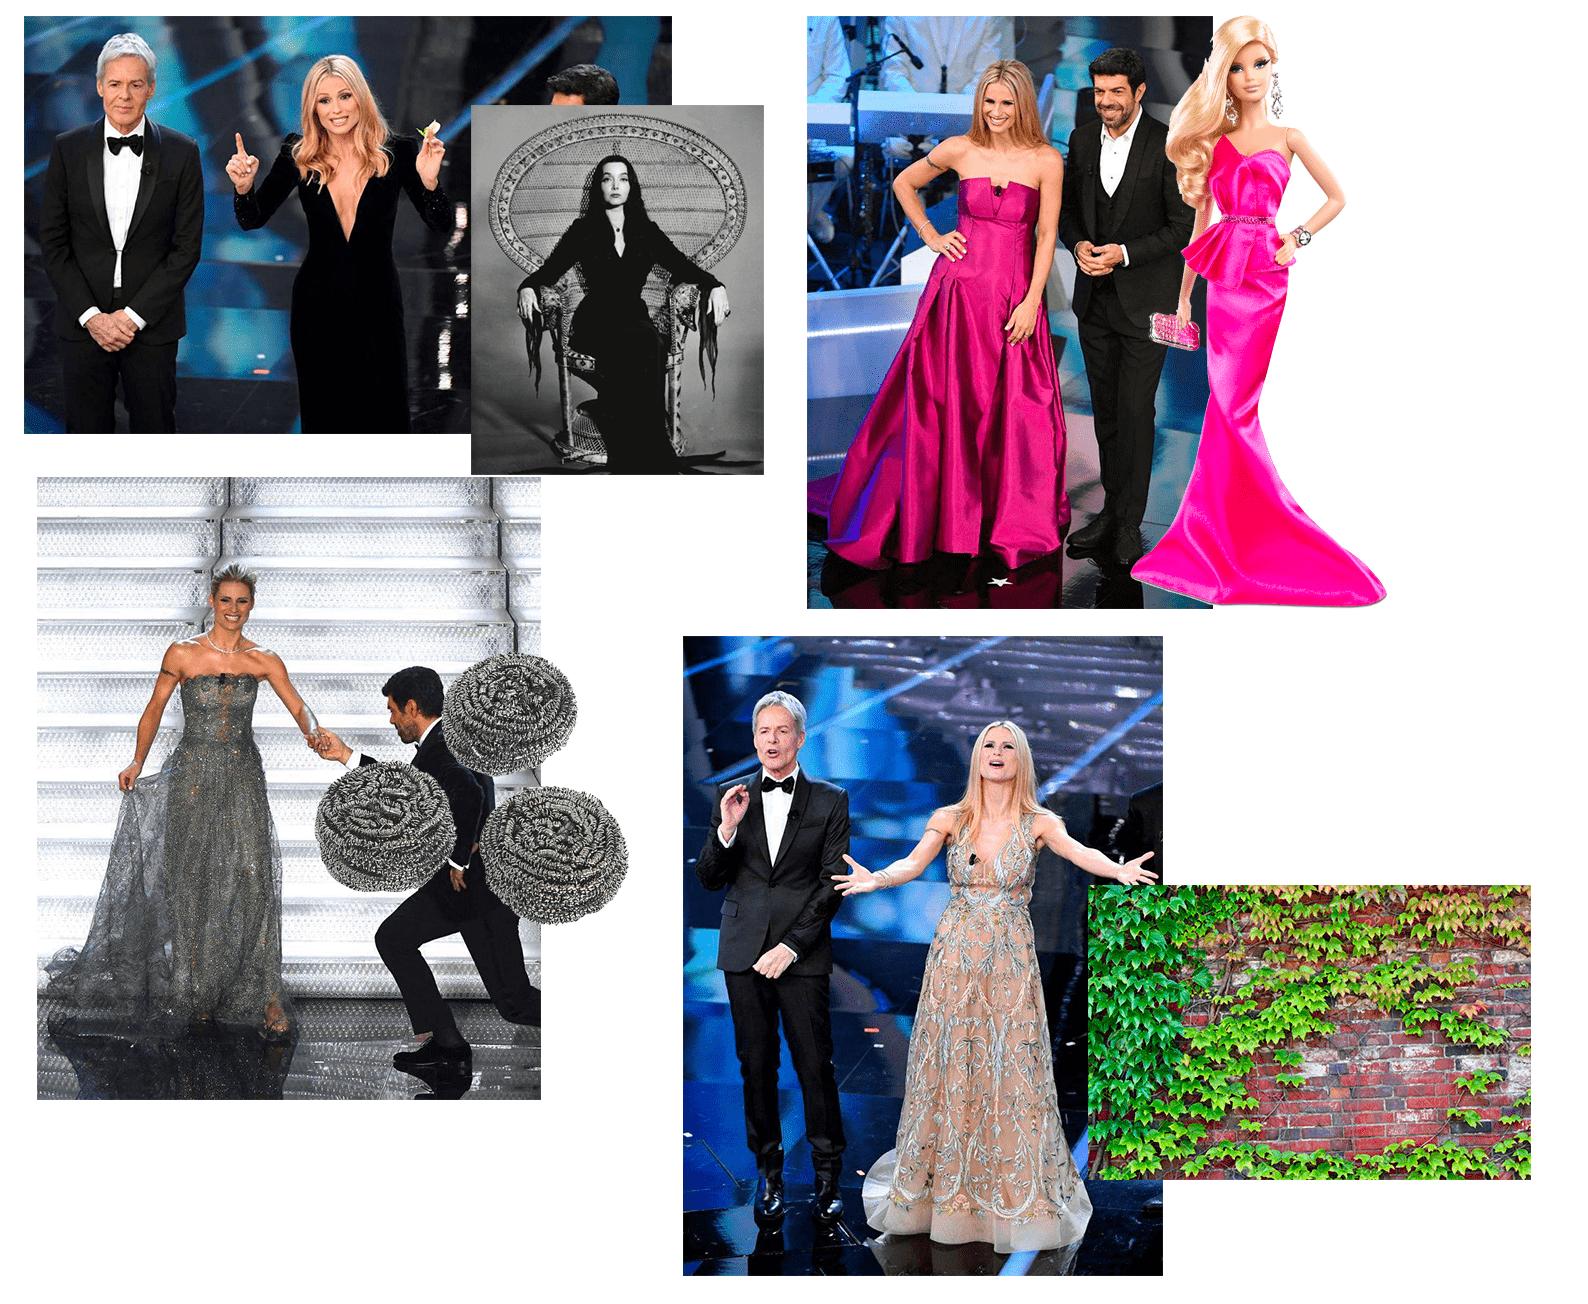 Michelle Hunziker e i look di Sanremo 2018: a chi o cosa assomiglia?